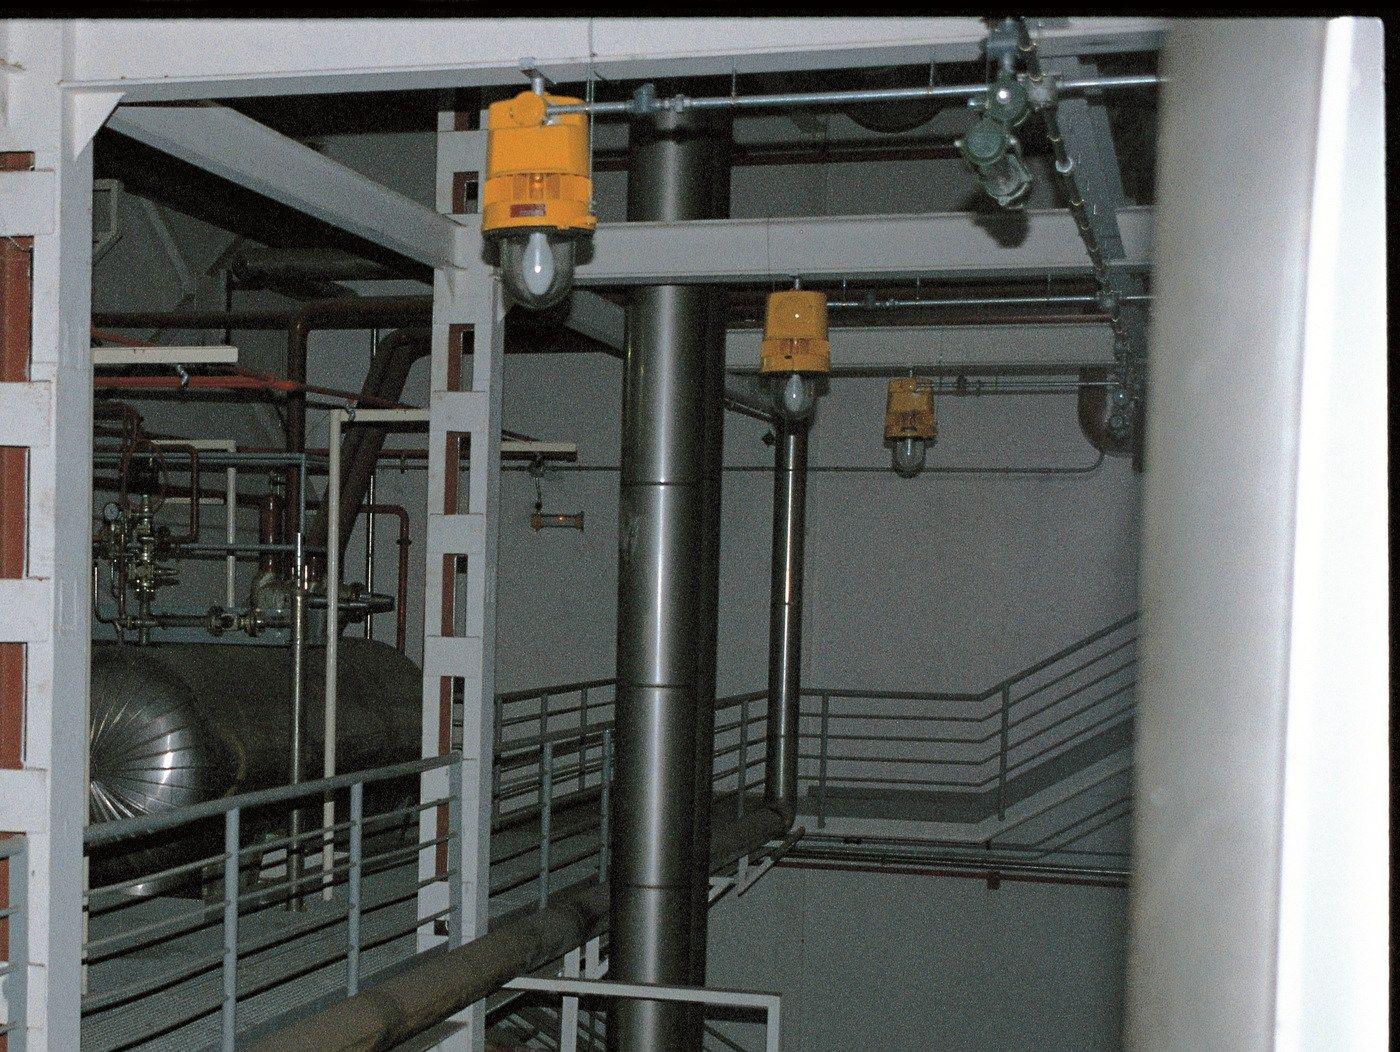 Ceiling Mounted Led Emergency Lights : Led ceiling mounted emergency light explosion proof by